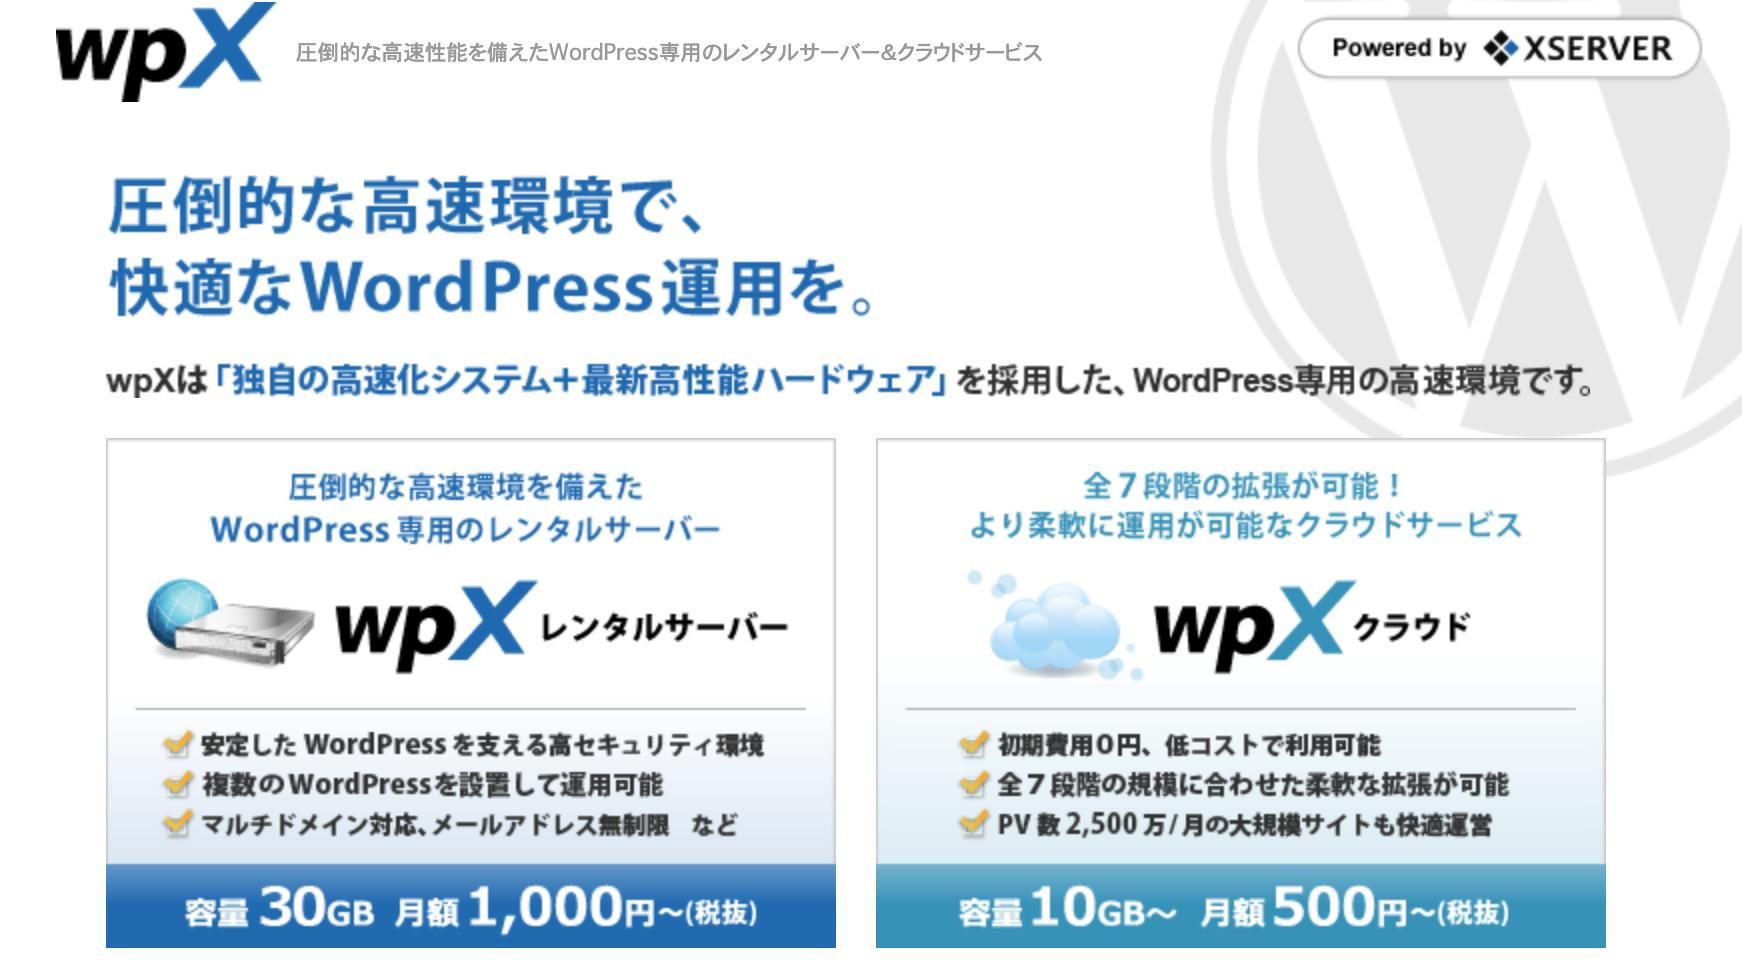 WordPressの運用に特化したレンタルサーバー『wpXレンタルサーバー』